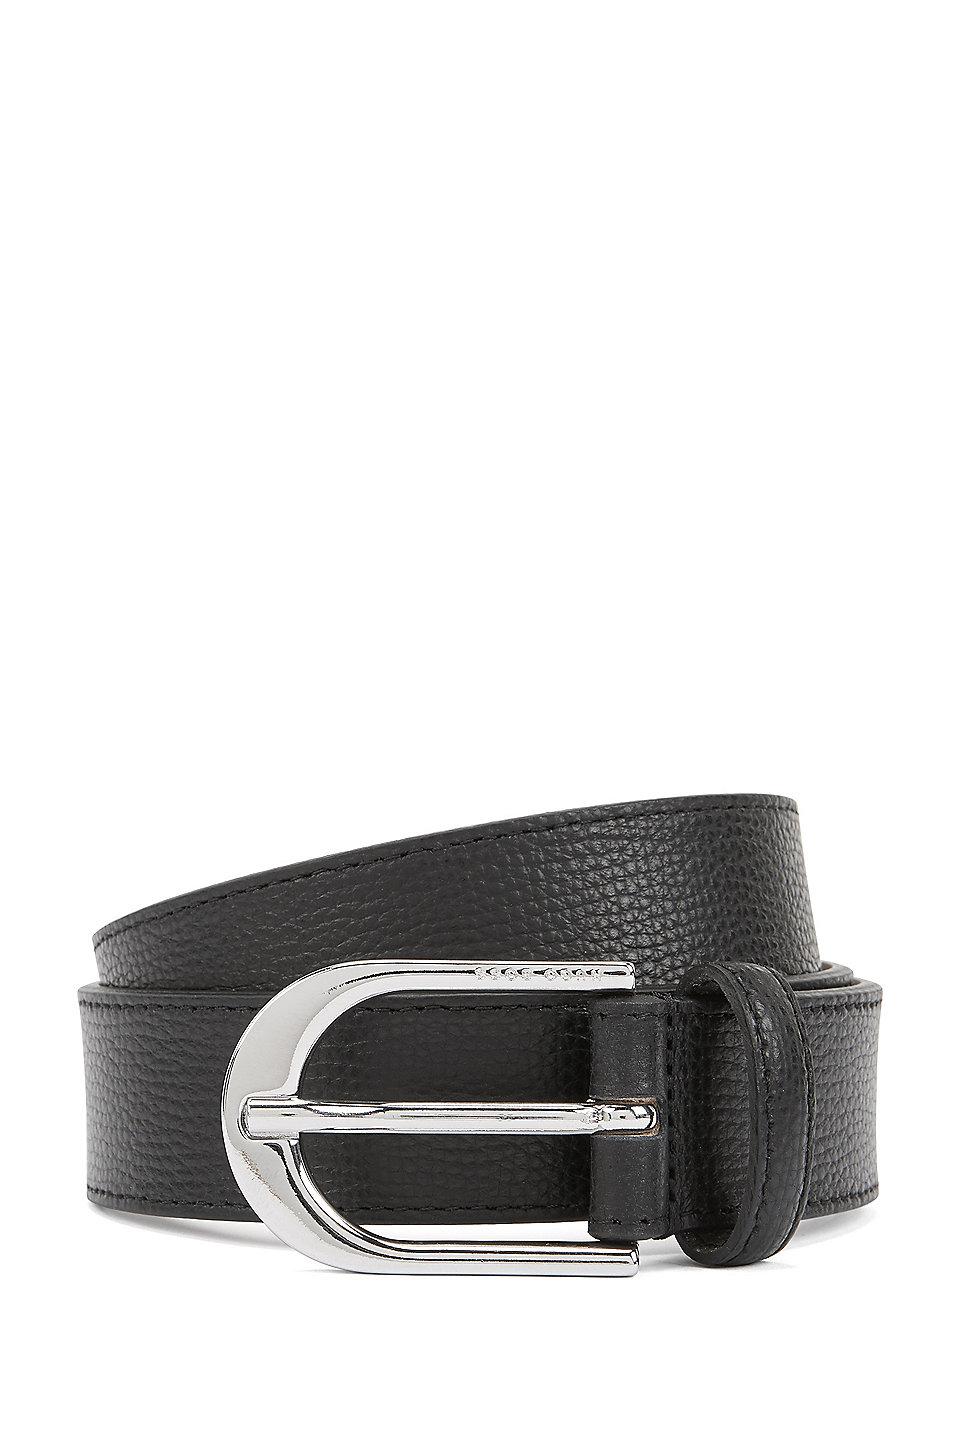 67852bf4533 BOSS - Cinturón de piel italiana con hebilla plateada pulida